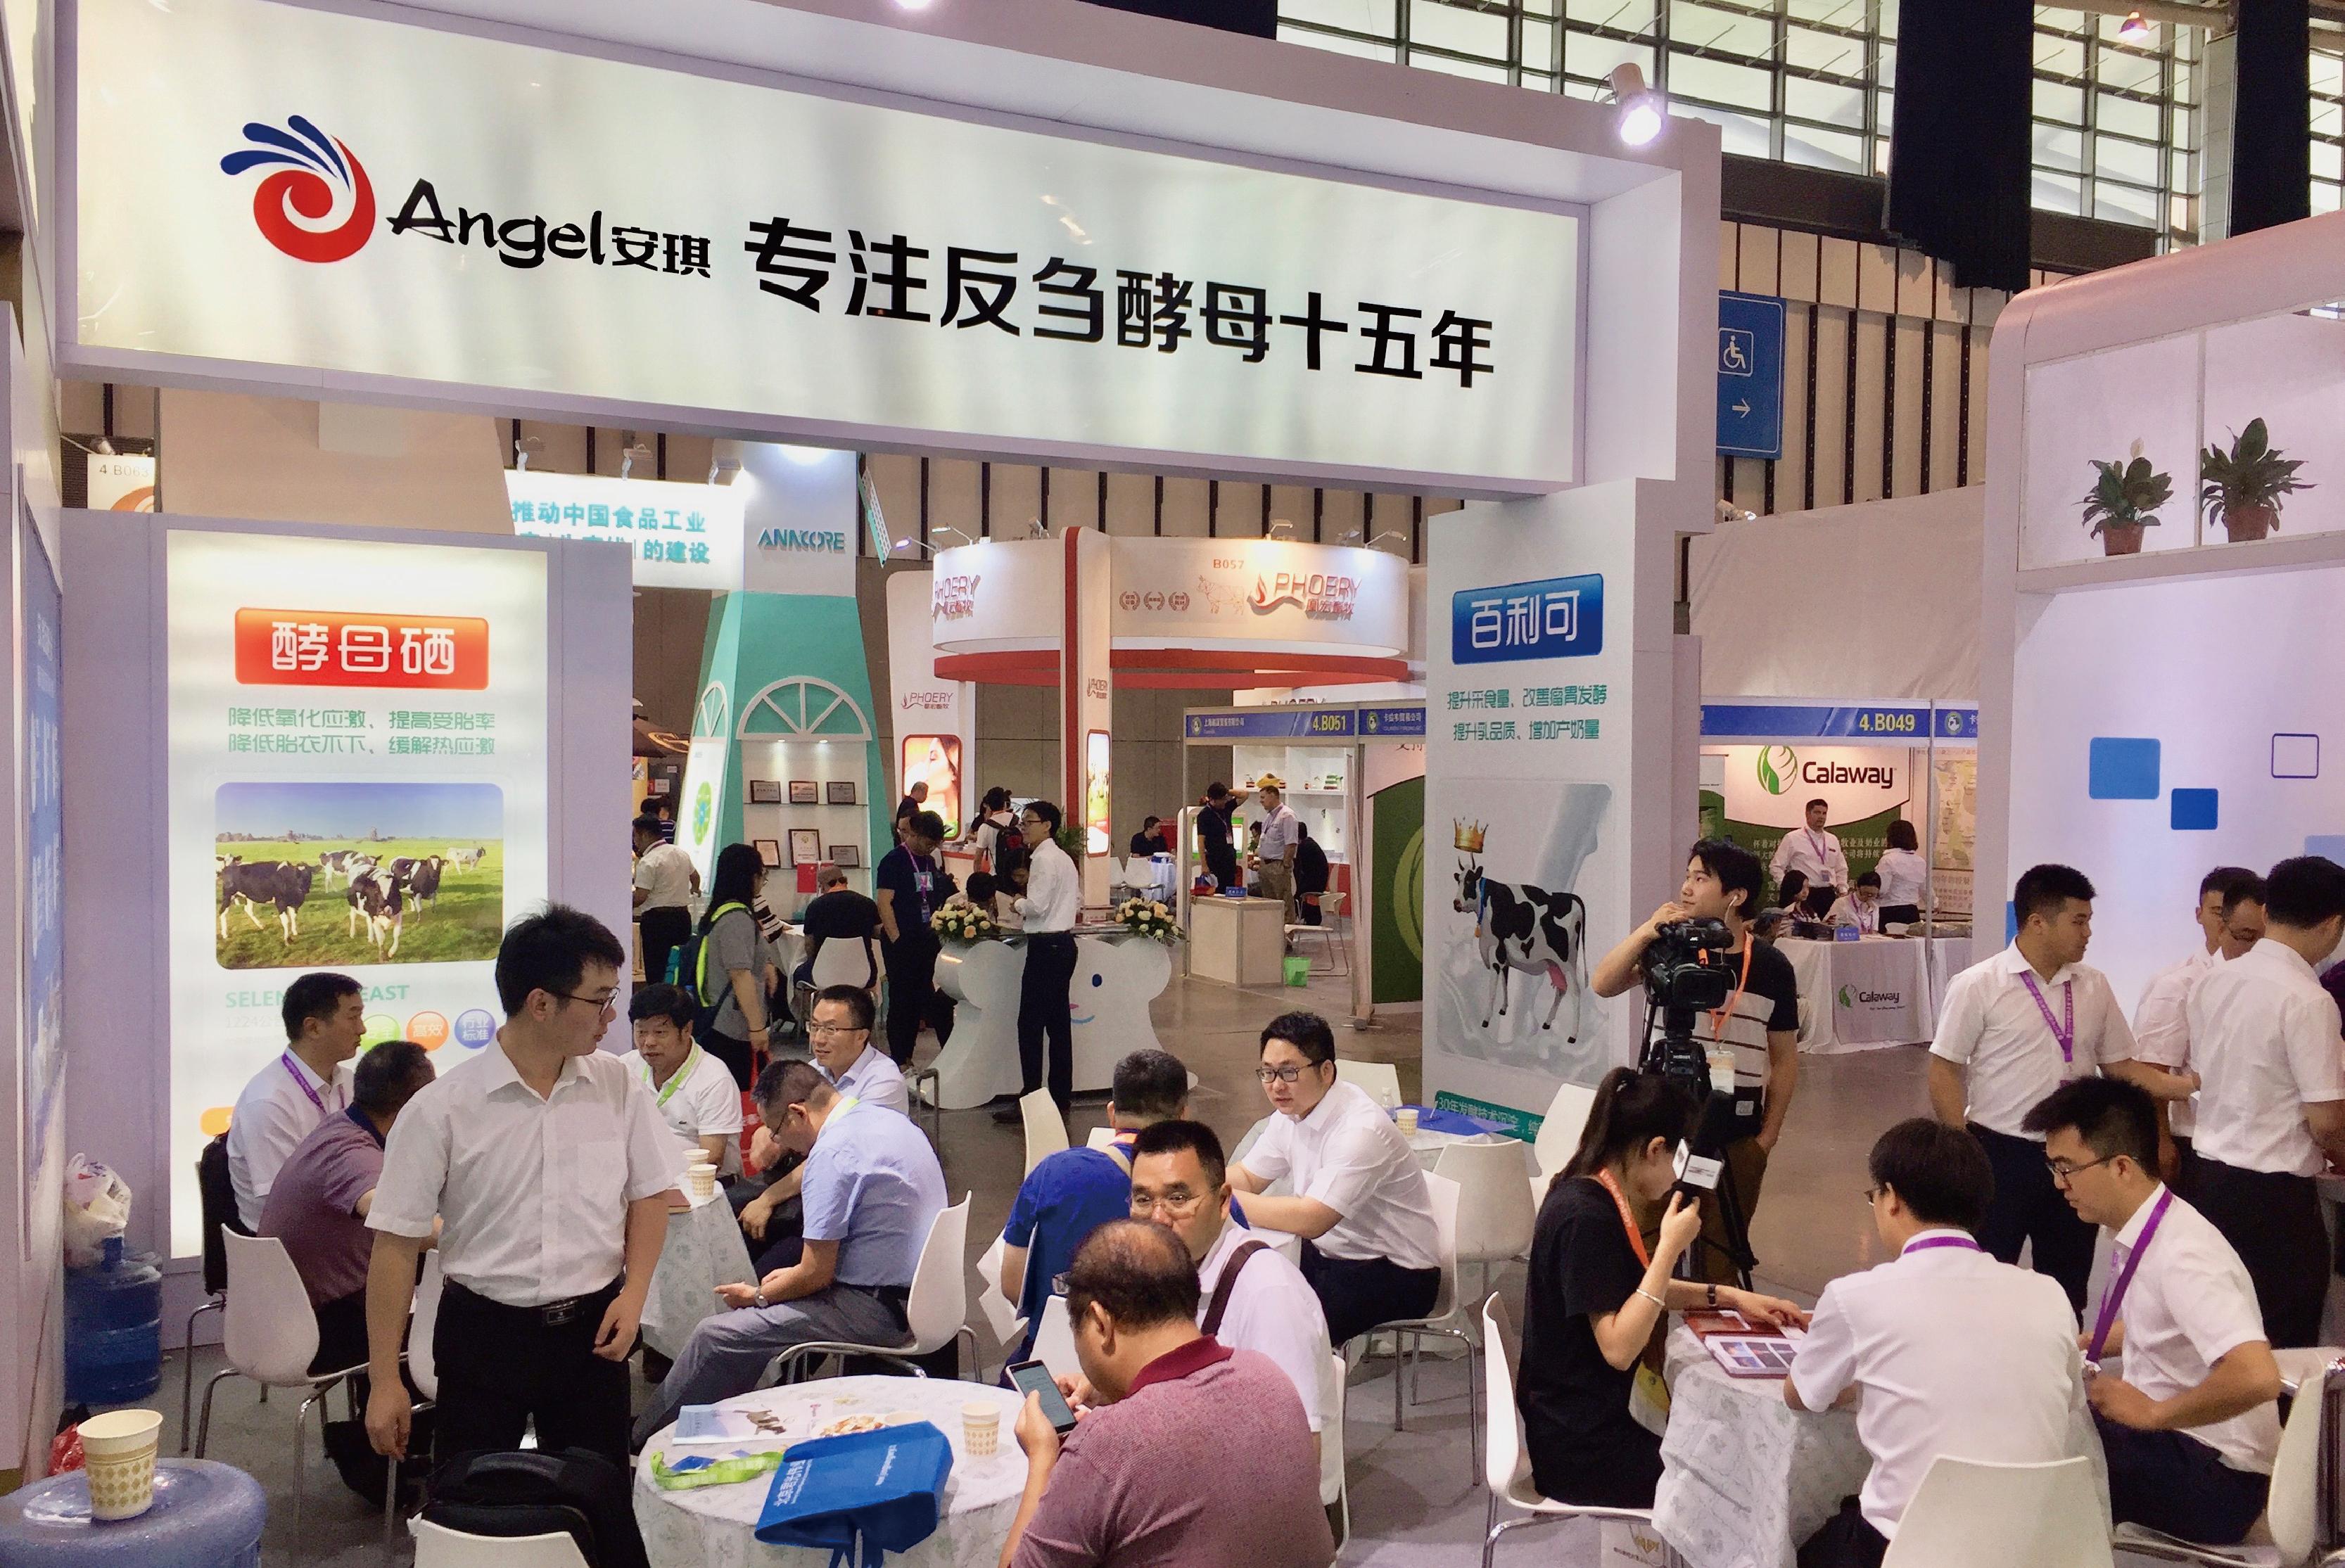 【南京现场】安琪酵母反刍三大创新产品亮相南京